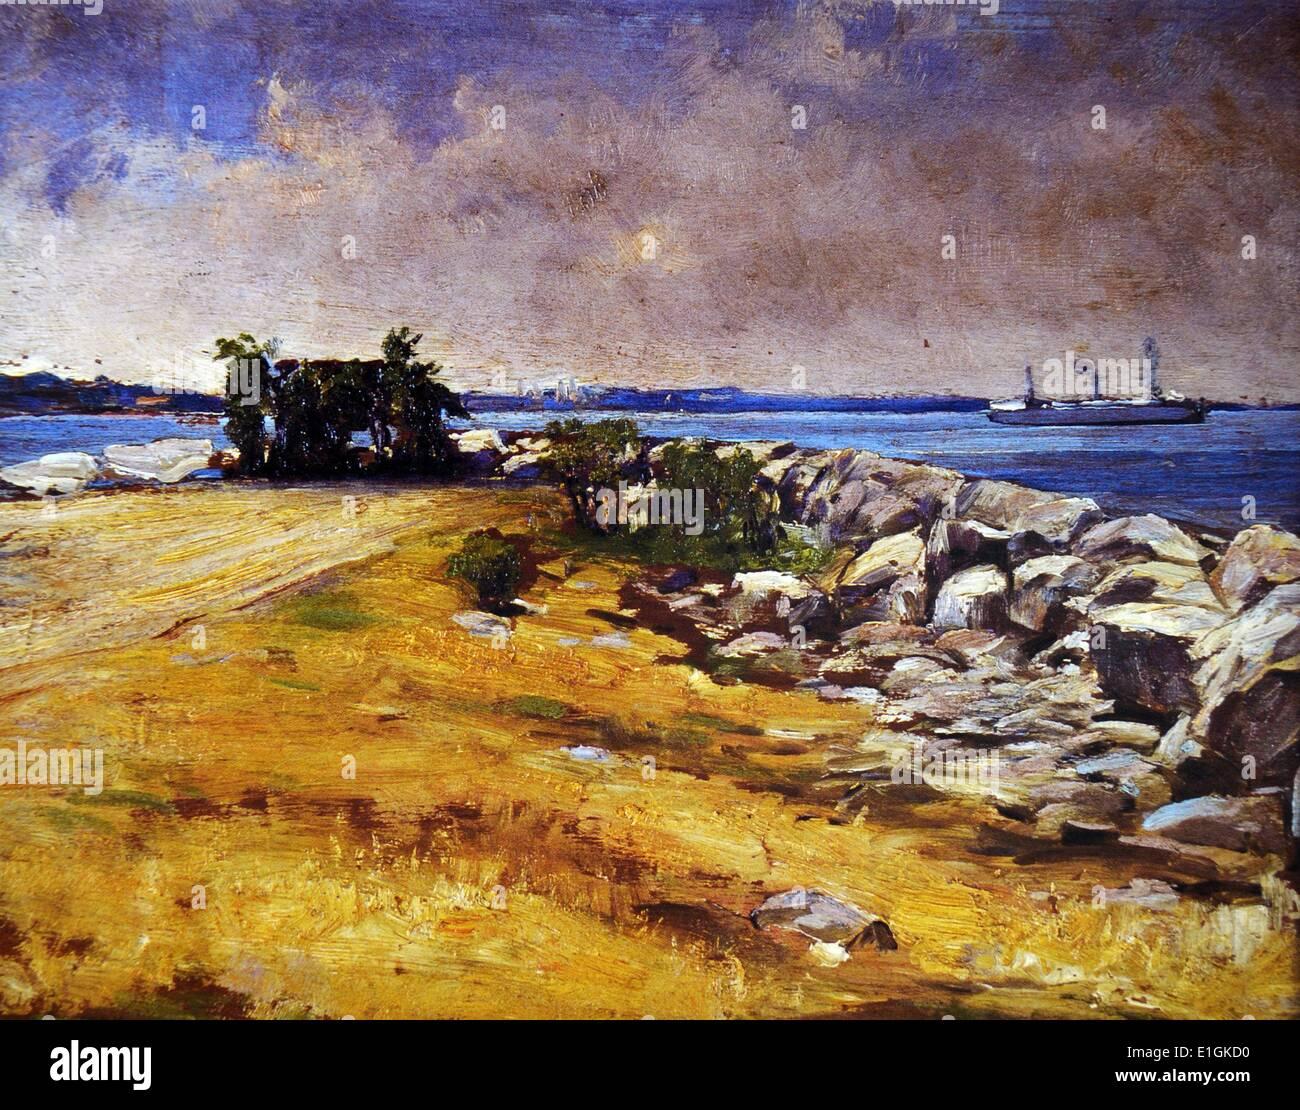 Fabian de la Rosa, Seaside, undated.  Oil on canvas. - Stock Image